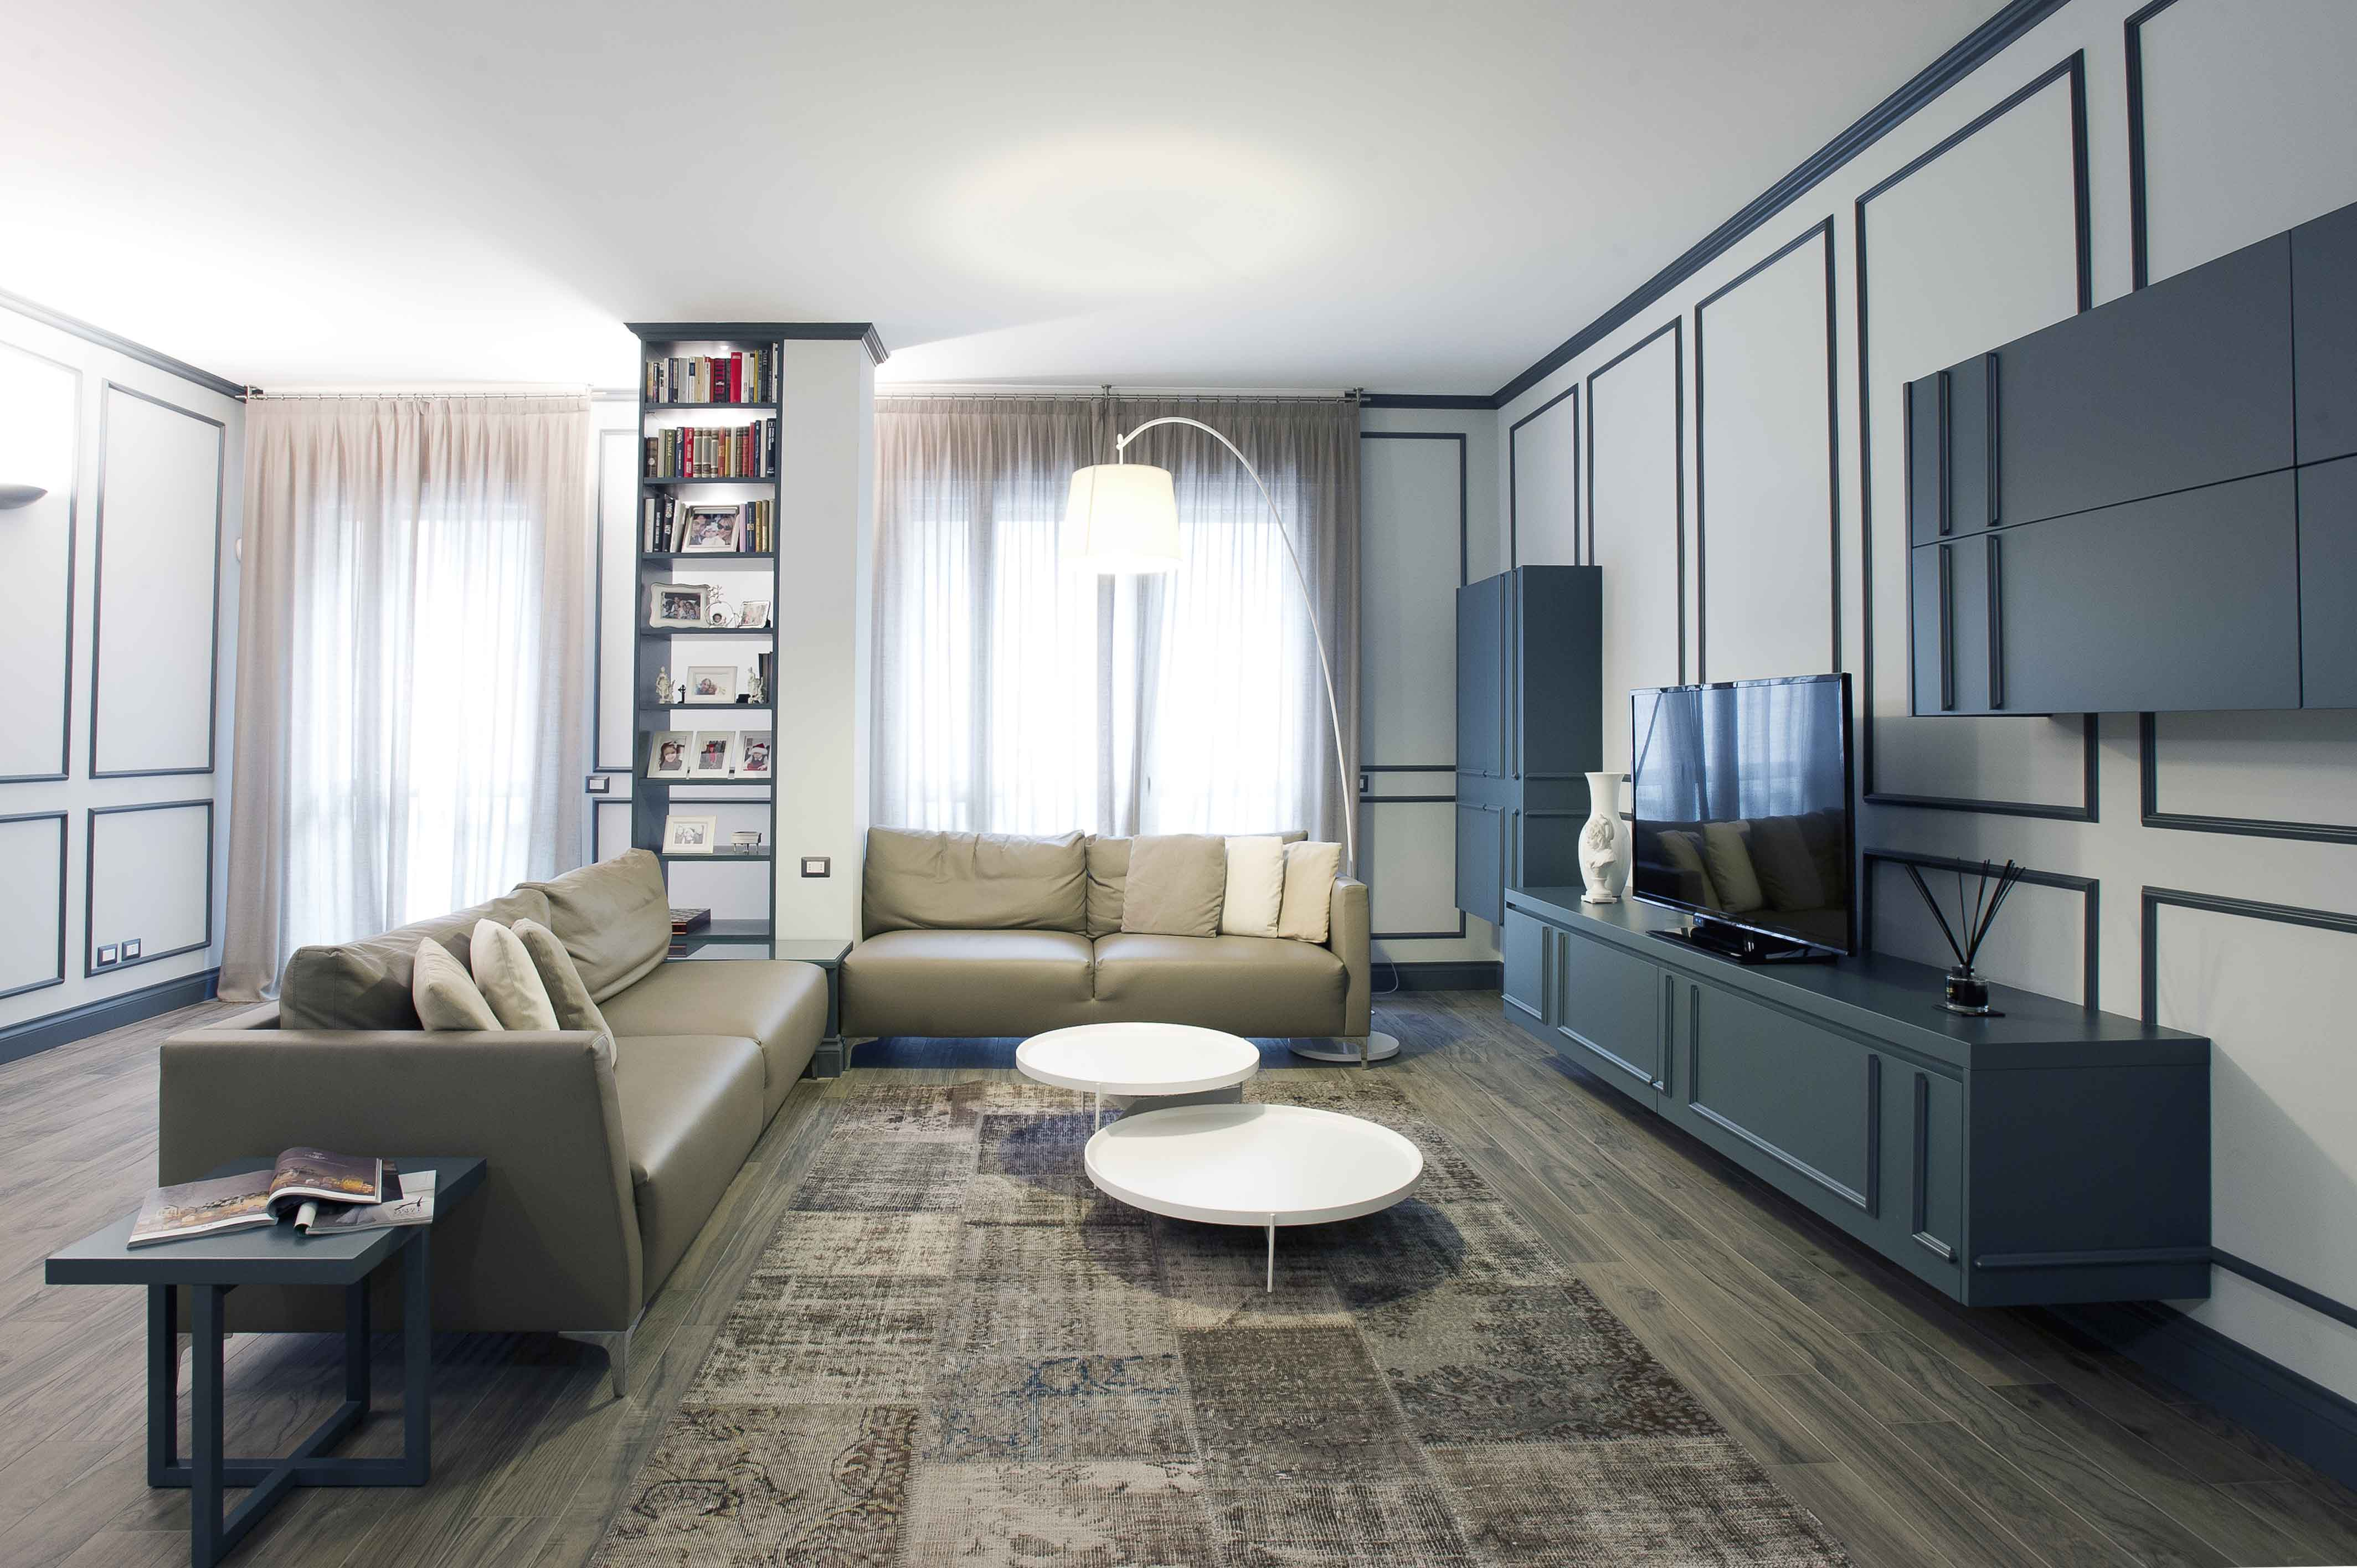 Una nuova sfida per andrea castrignano for Interior designer milano